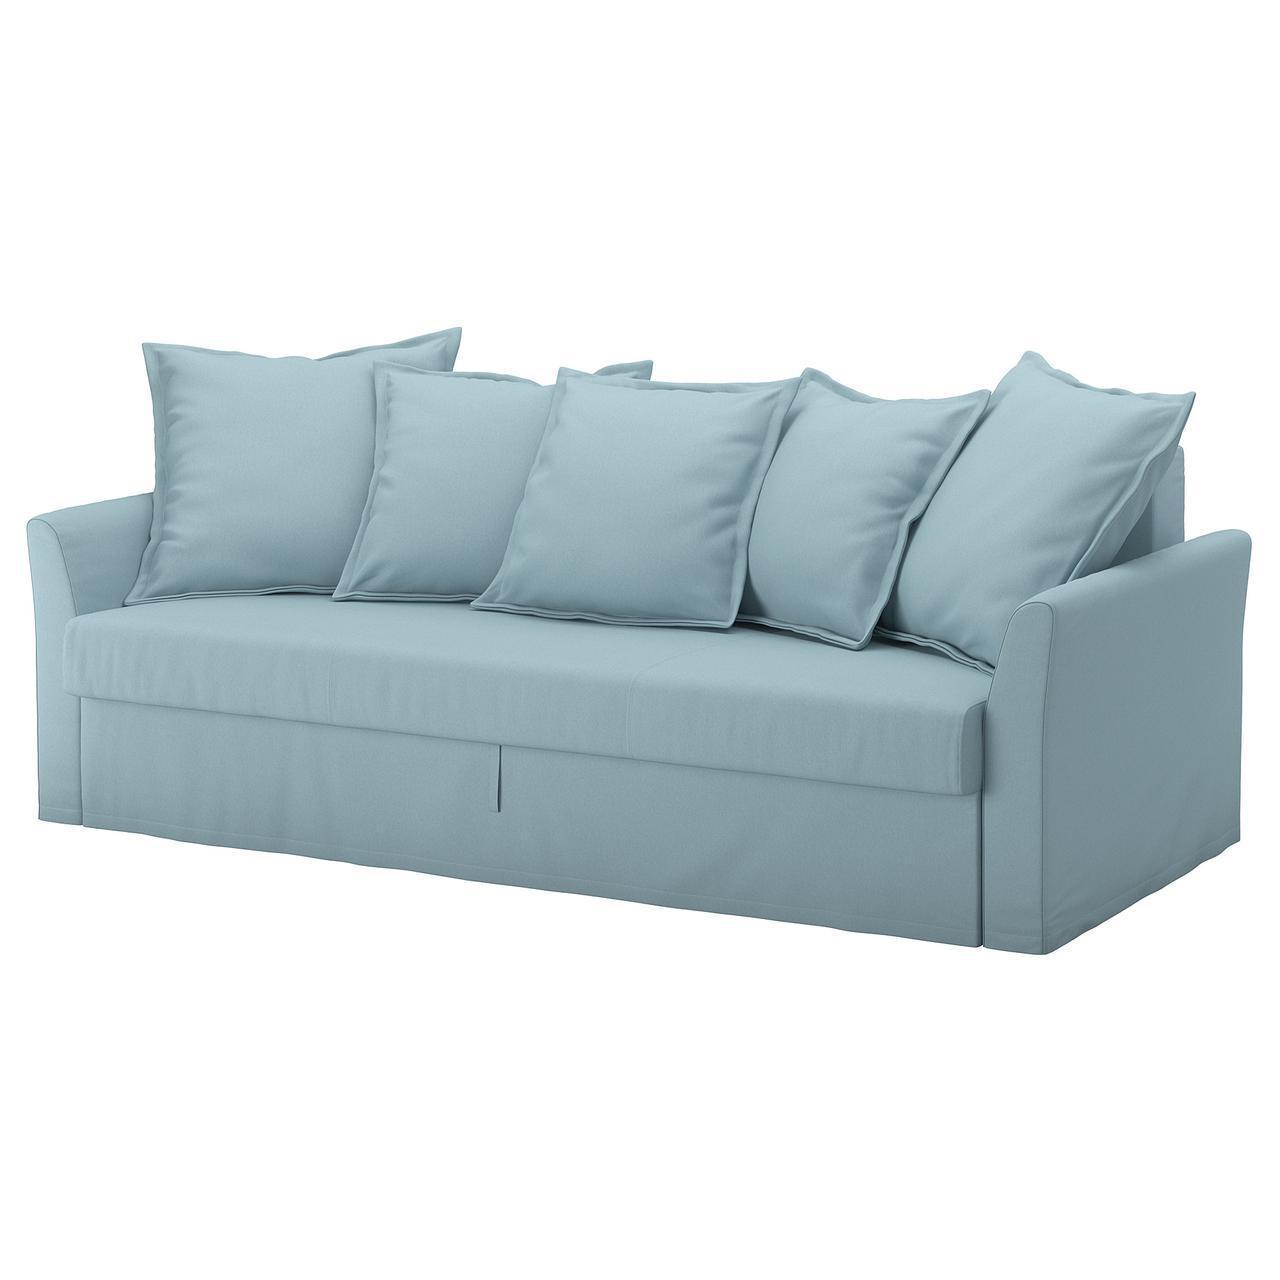 Диван IKEA HOLMSUND 3-местный раскладной Orrsta голубой 892.407.56